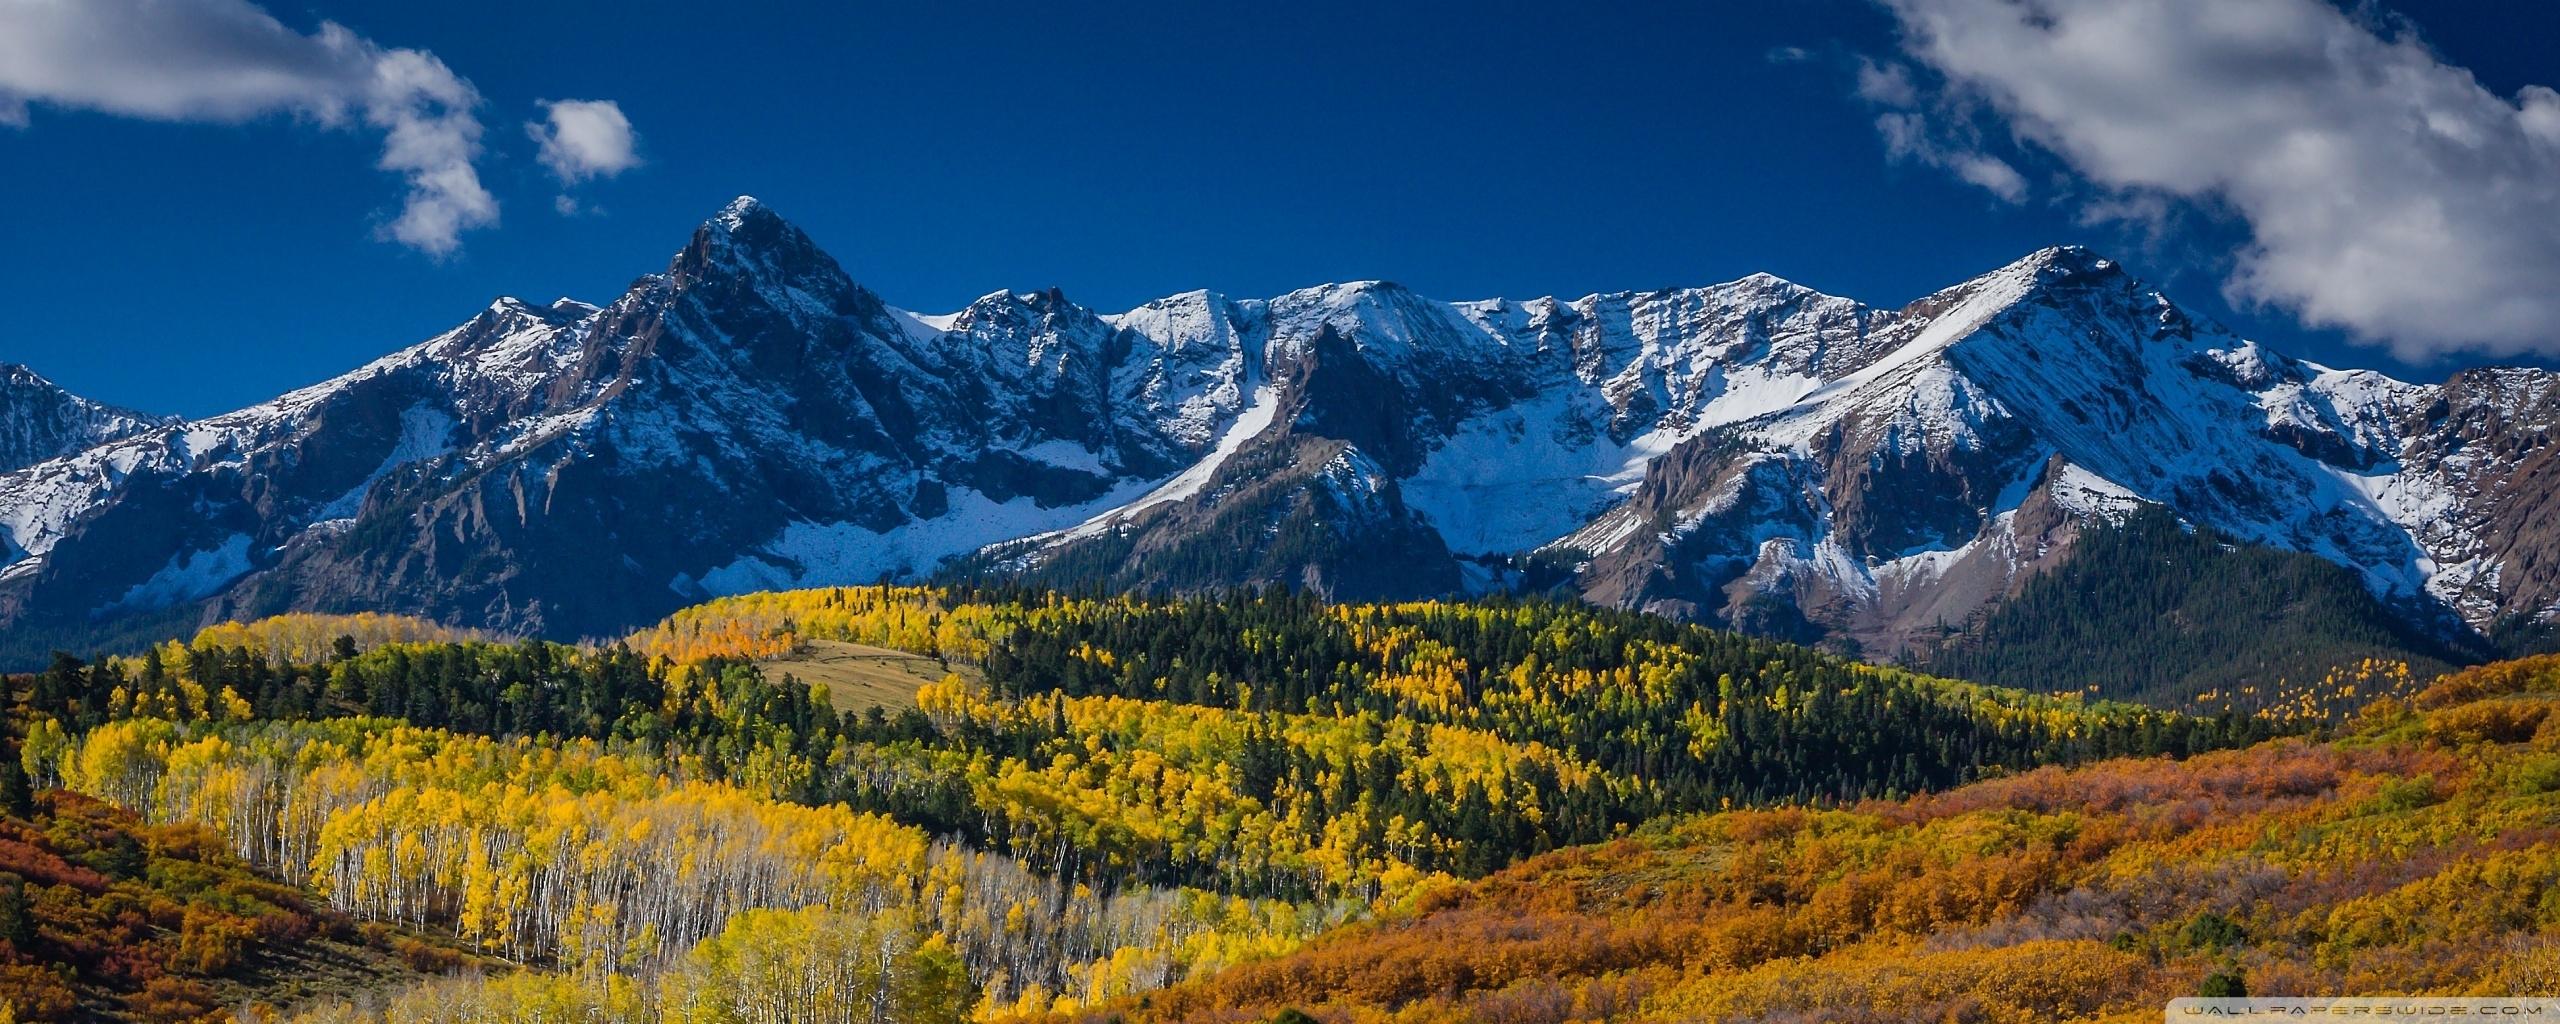 mountain landscape in aspen, colorado ❤ 4k hd desktop wallpaper for